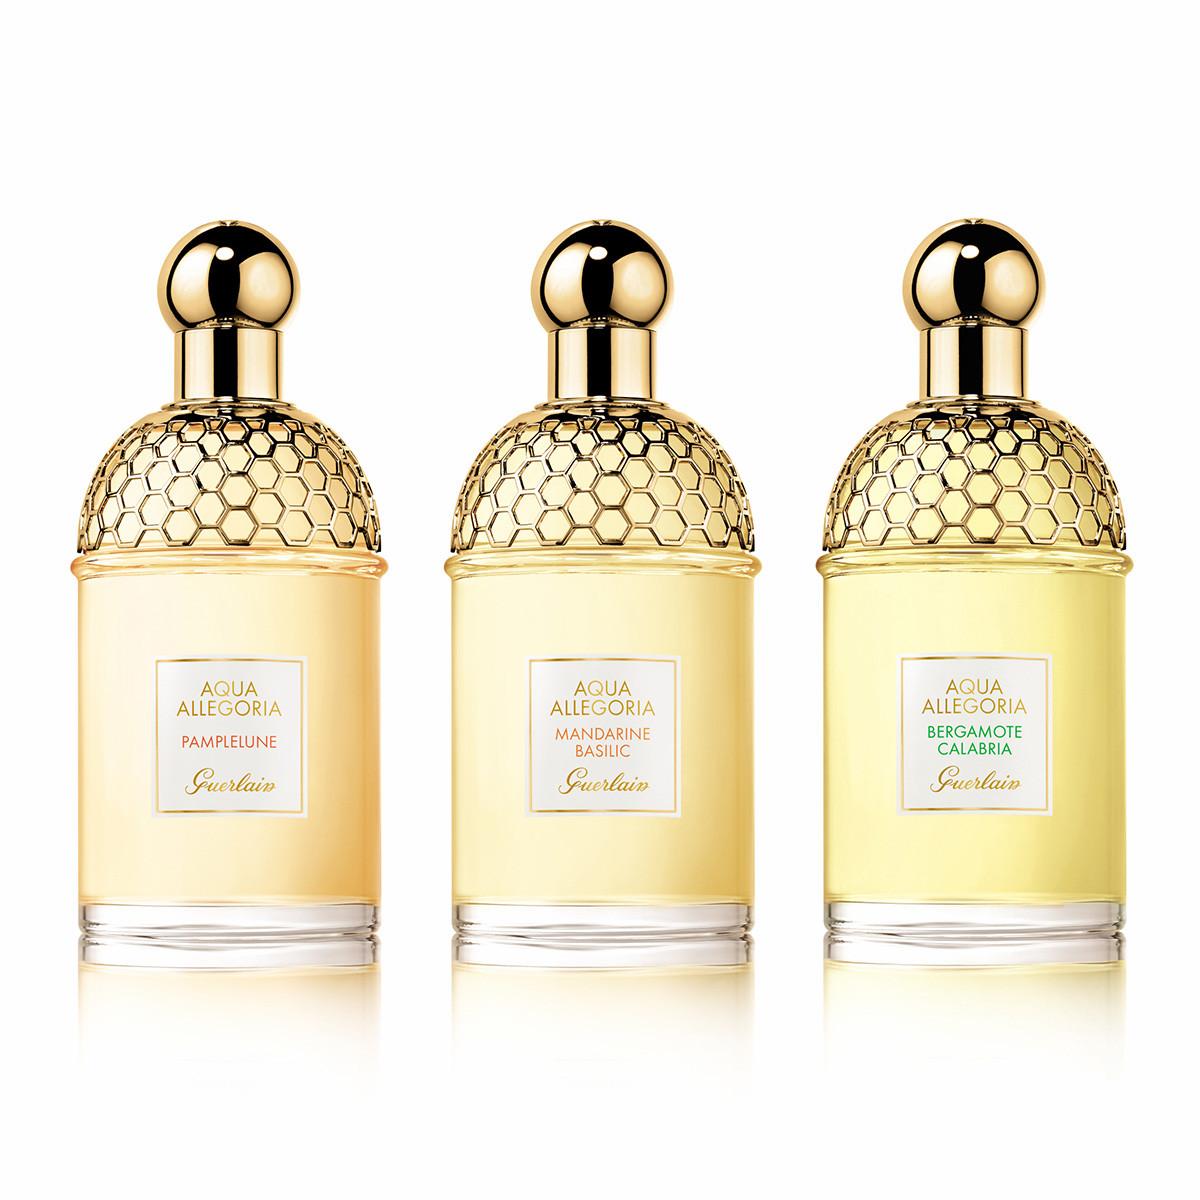 """シュッとひと吹きで、自然の楽園へと誘われる至福の香り。「ゲラン」の""""アクア アレゴリア""""から2つの香りが新登場!_1_2"""